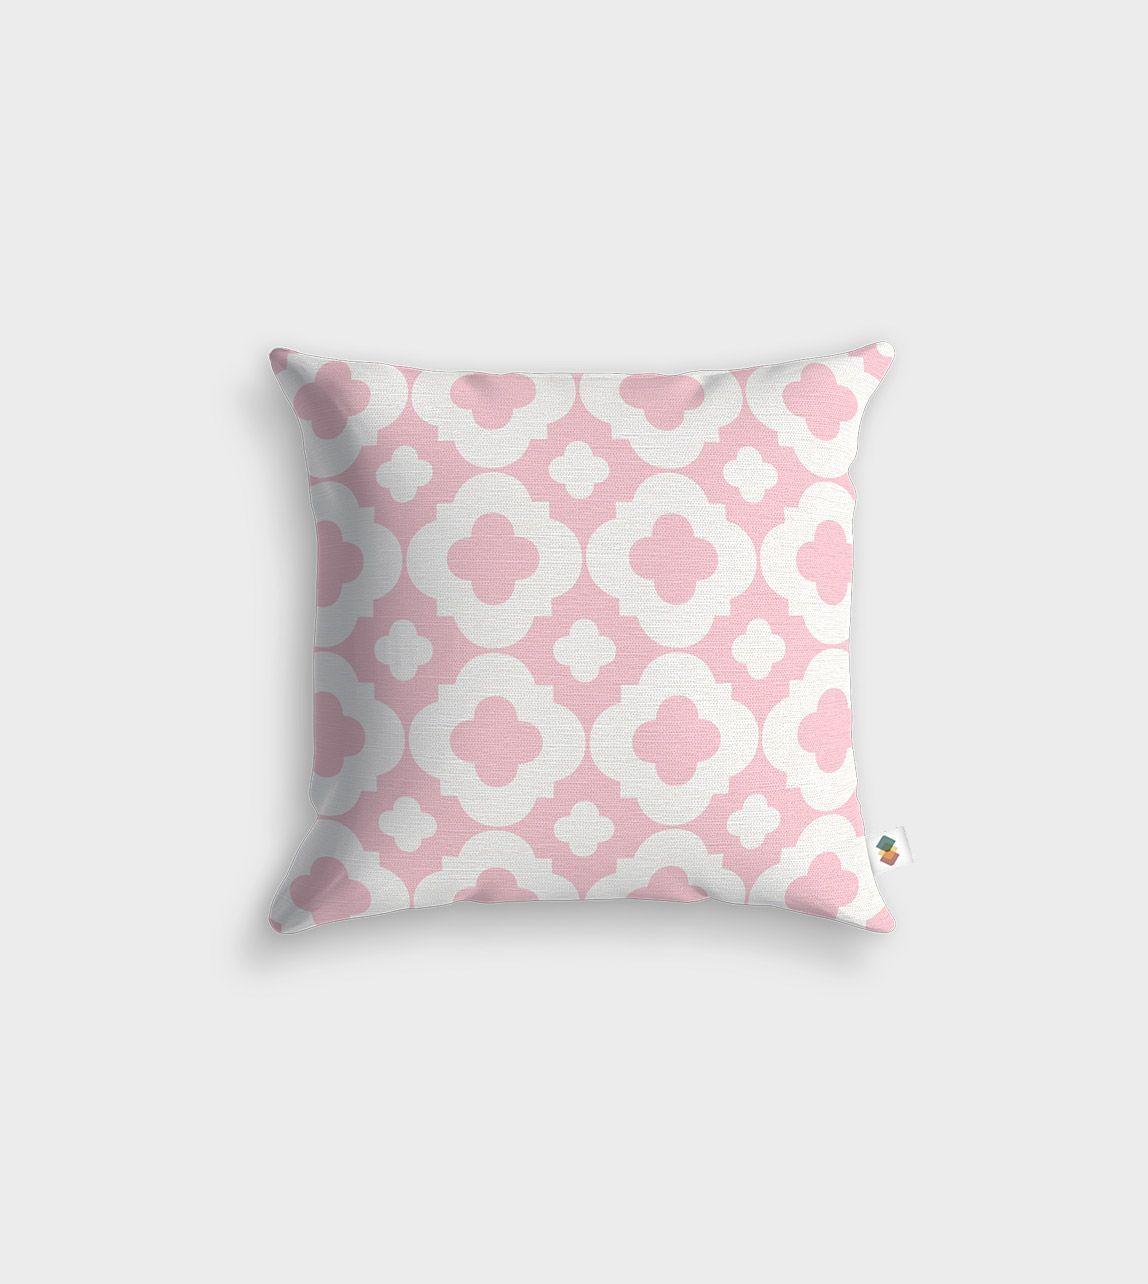 coussin honorine pêche - 45x45cm | couleur rose pale, rose pale et